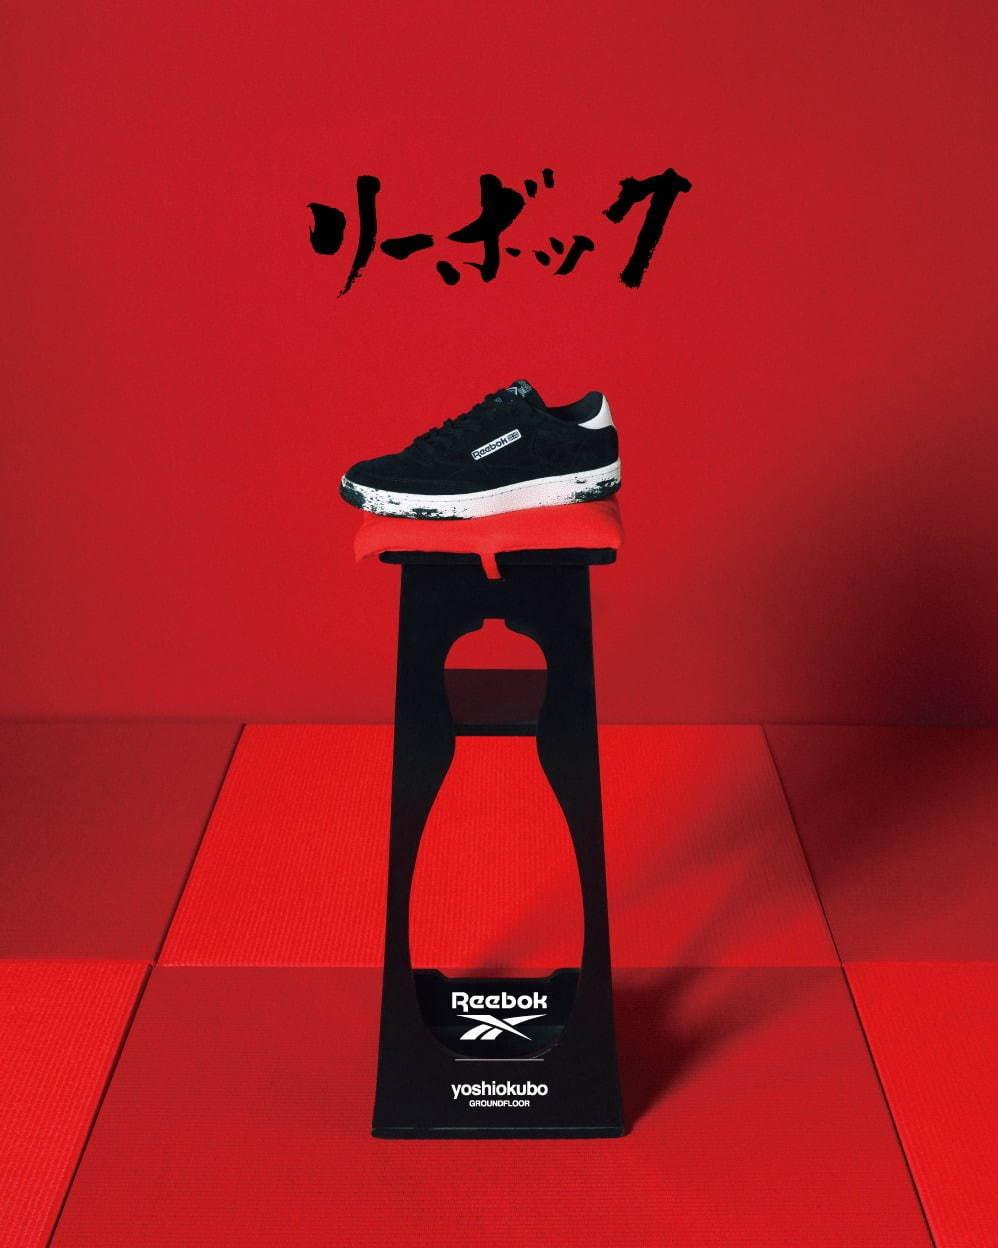 Reebok × ヨシオクボ